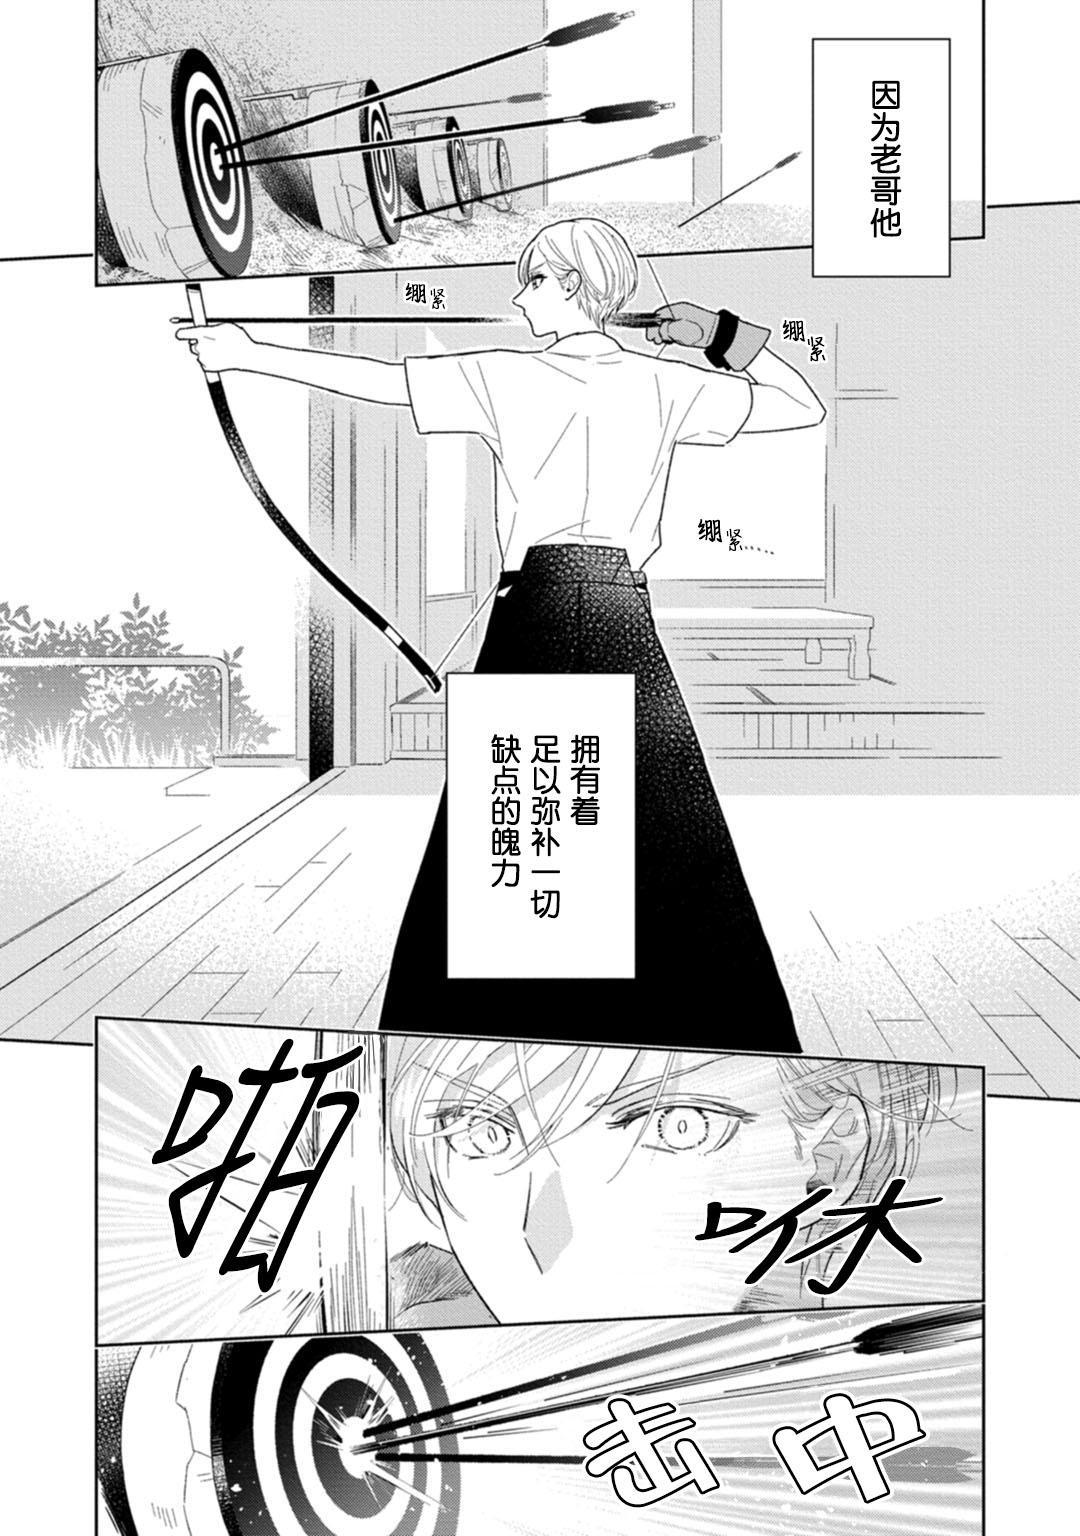 Aniki no ichiban Oishii Tokoro   老哥最可口的部位 act.1 13